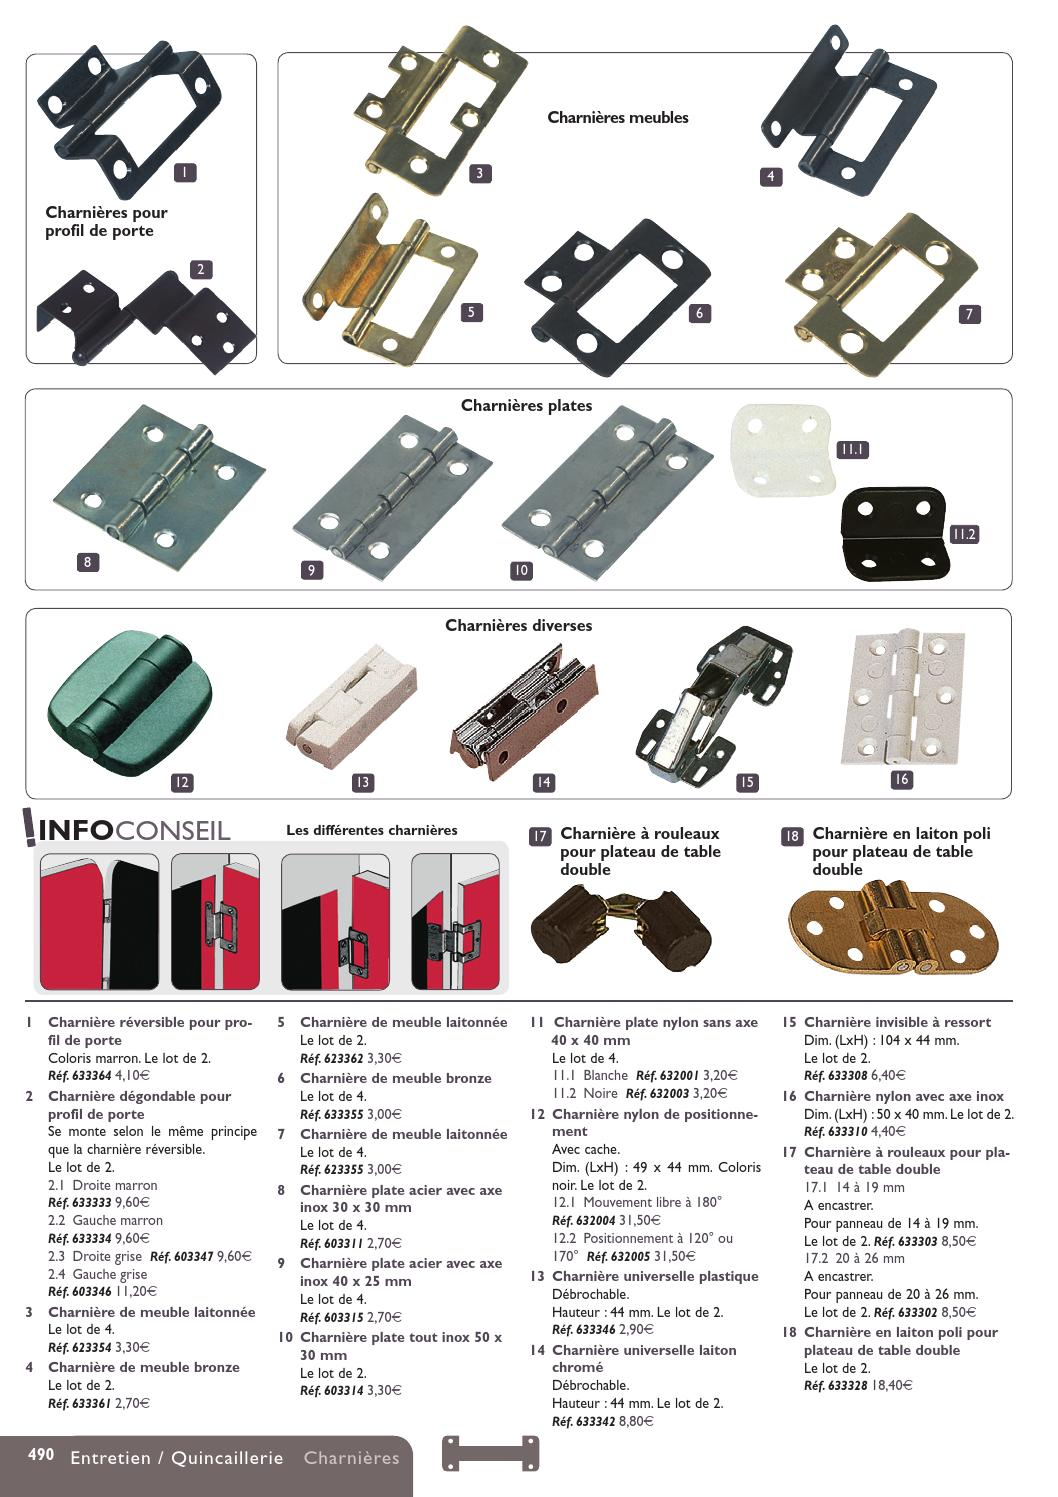 Catalogue 2014 narbonne accessoires entretien - Narbonne accesorios ...